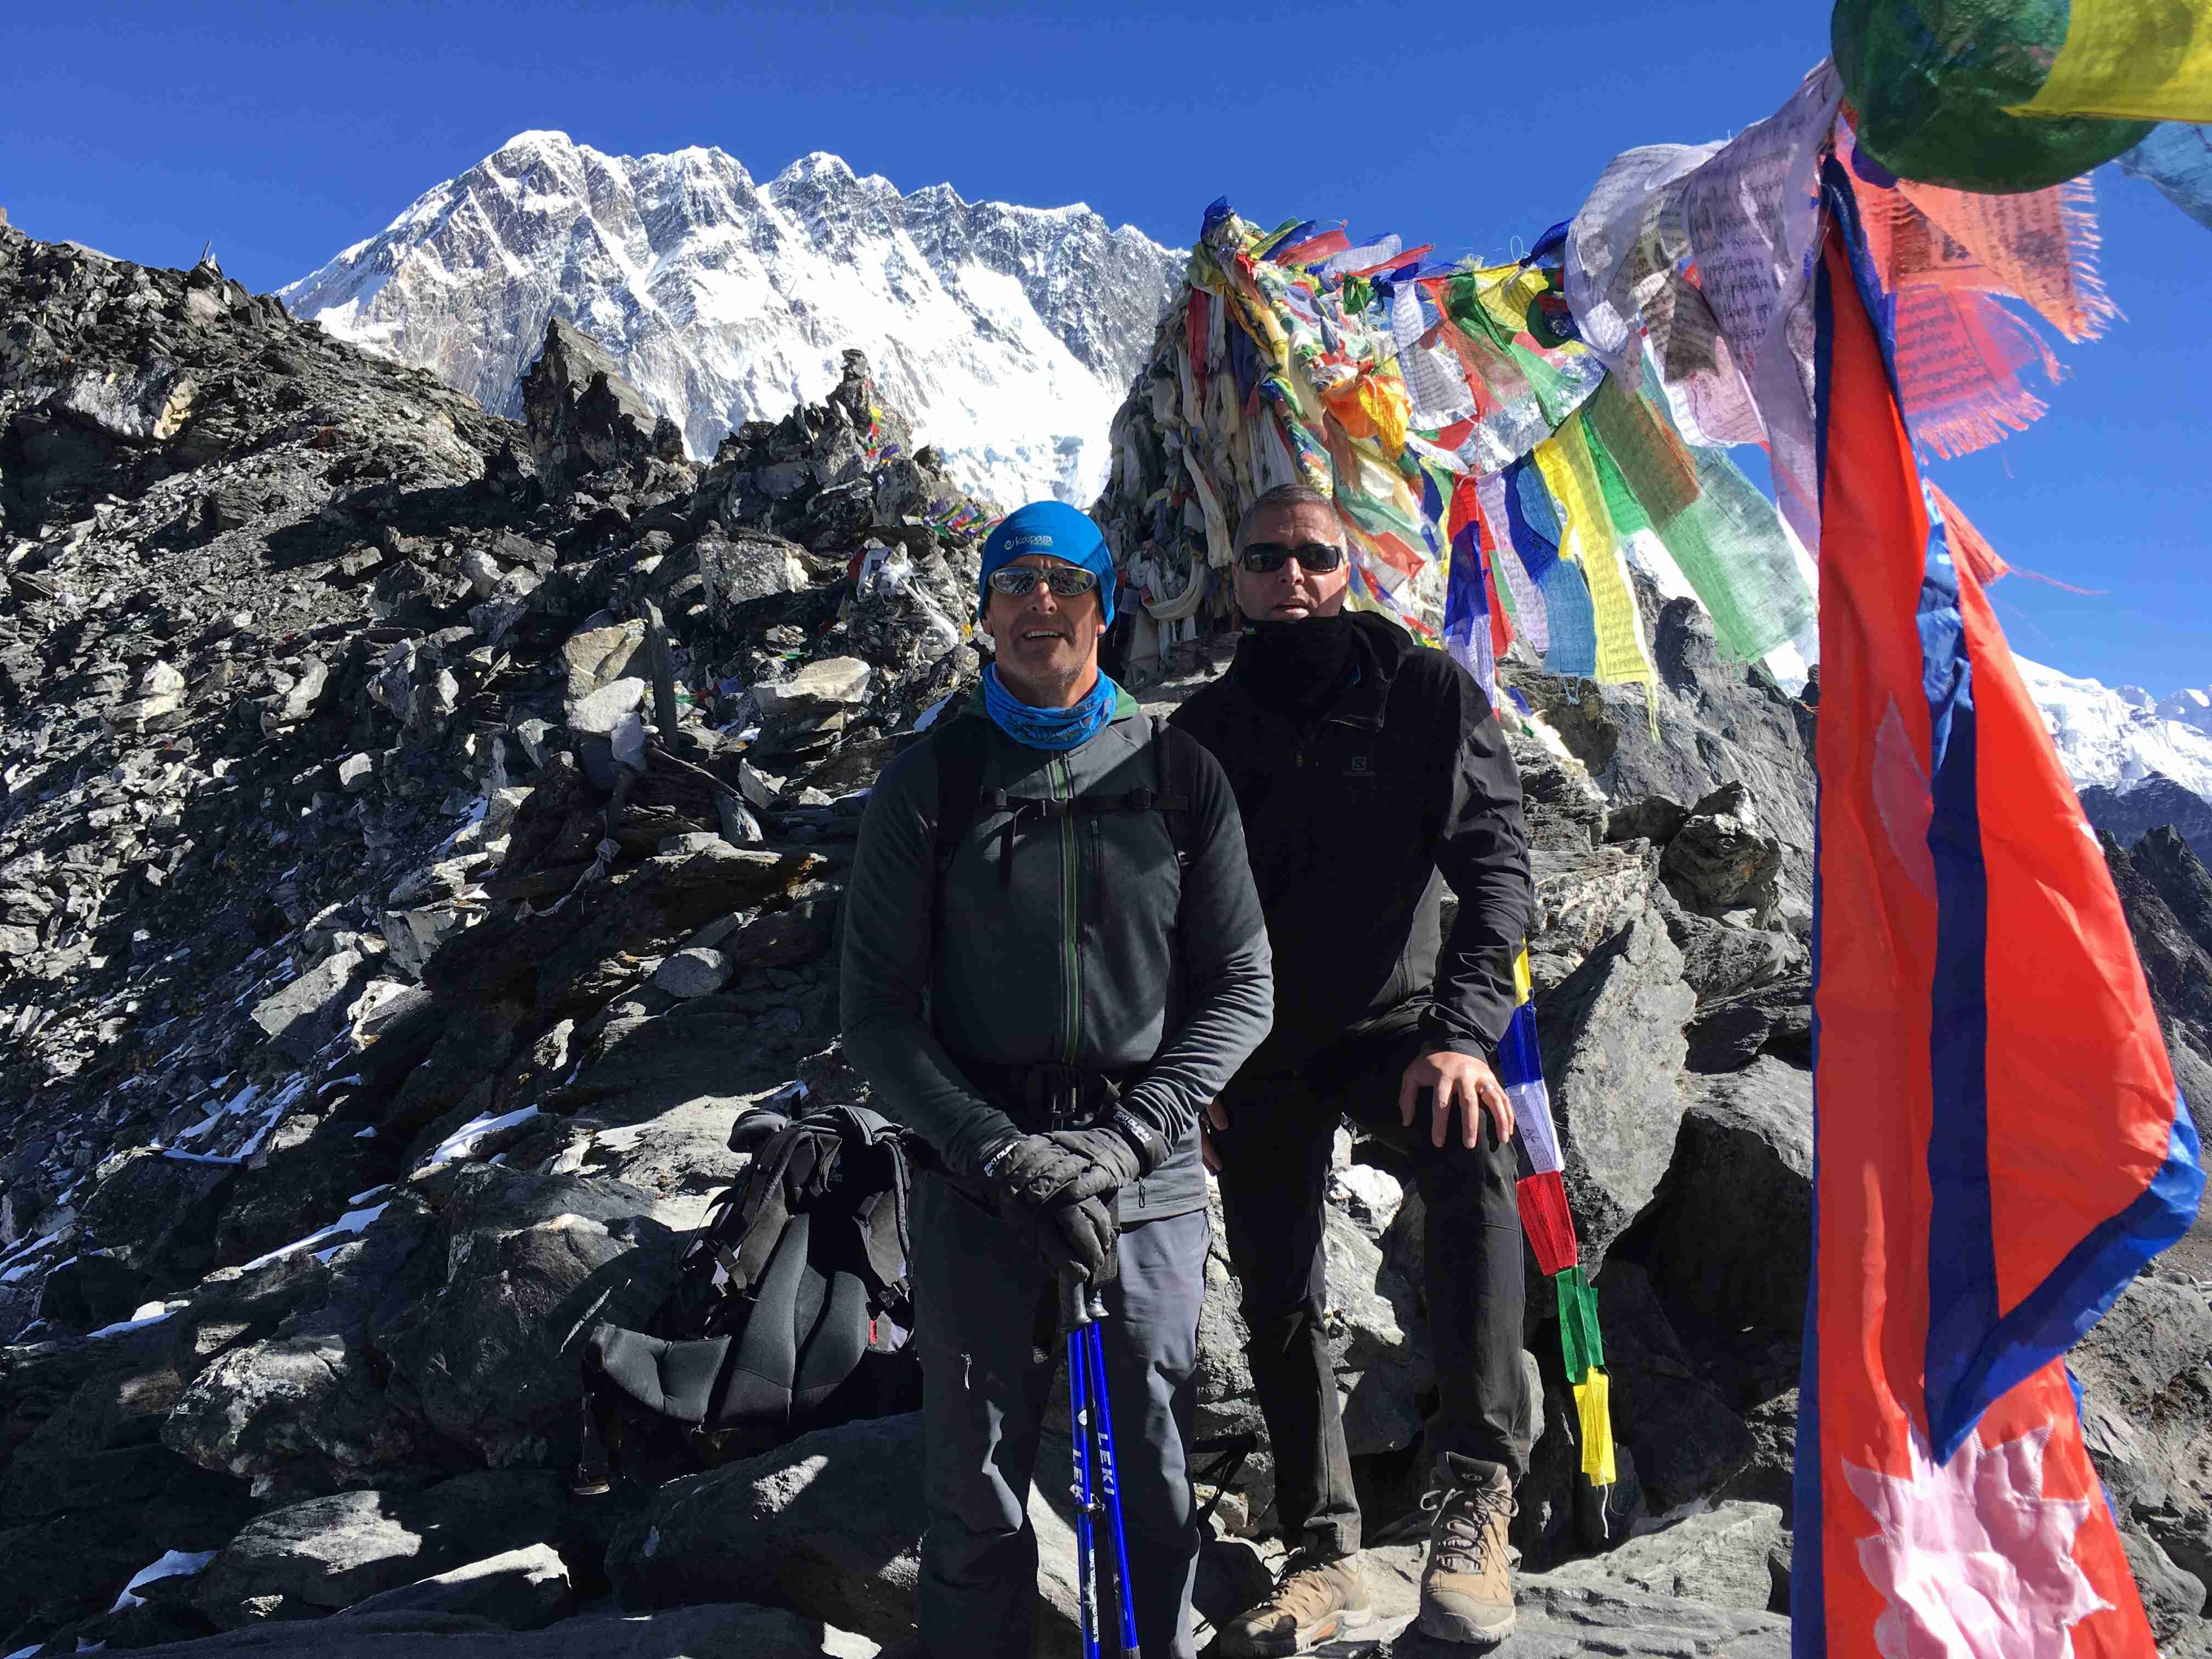 Ian und sein Bruder in Everest Region im Himalaja